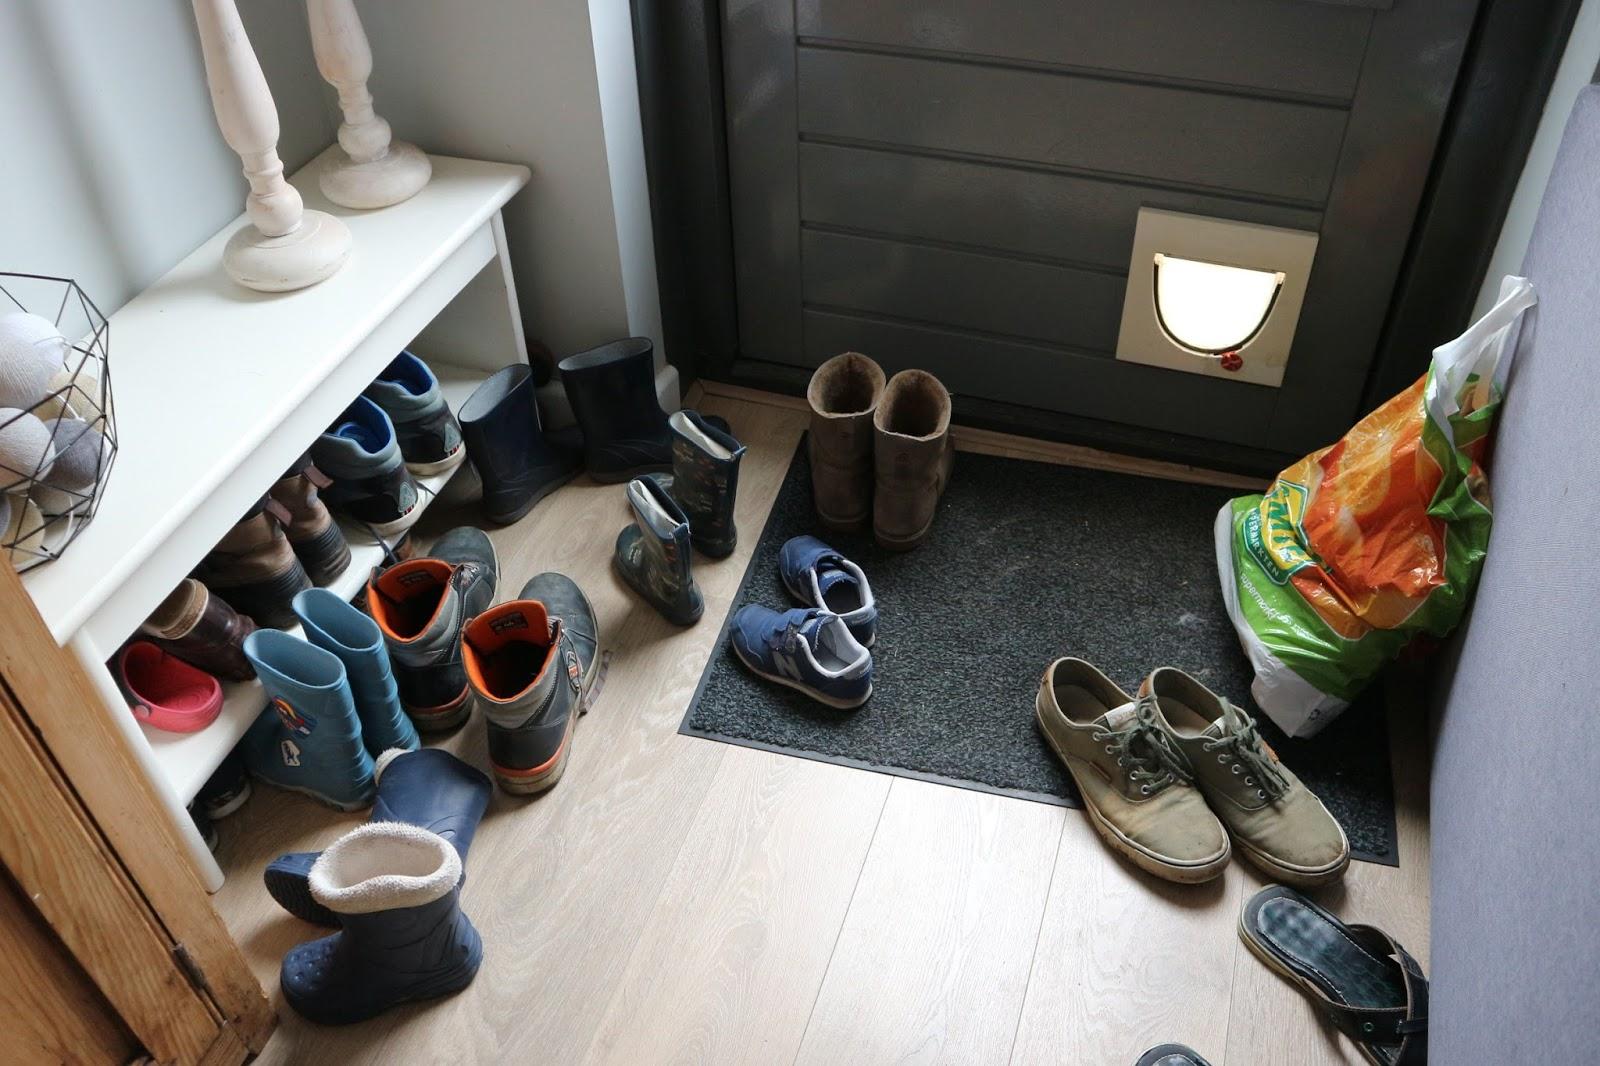 Schoenenkast Voor Heel Veel Schoenen.Loze Ruimte Wordt Schoenenkast Taxx Life Blog